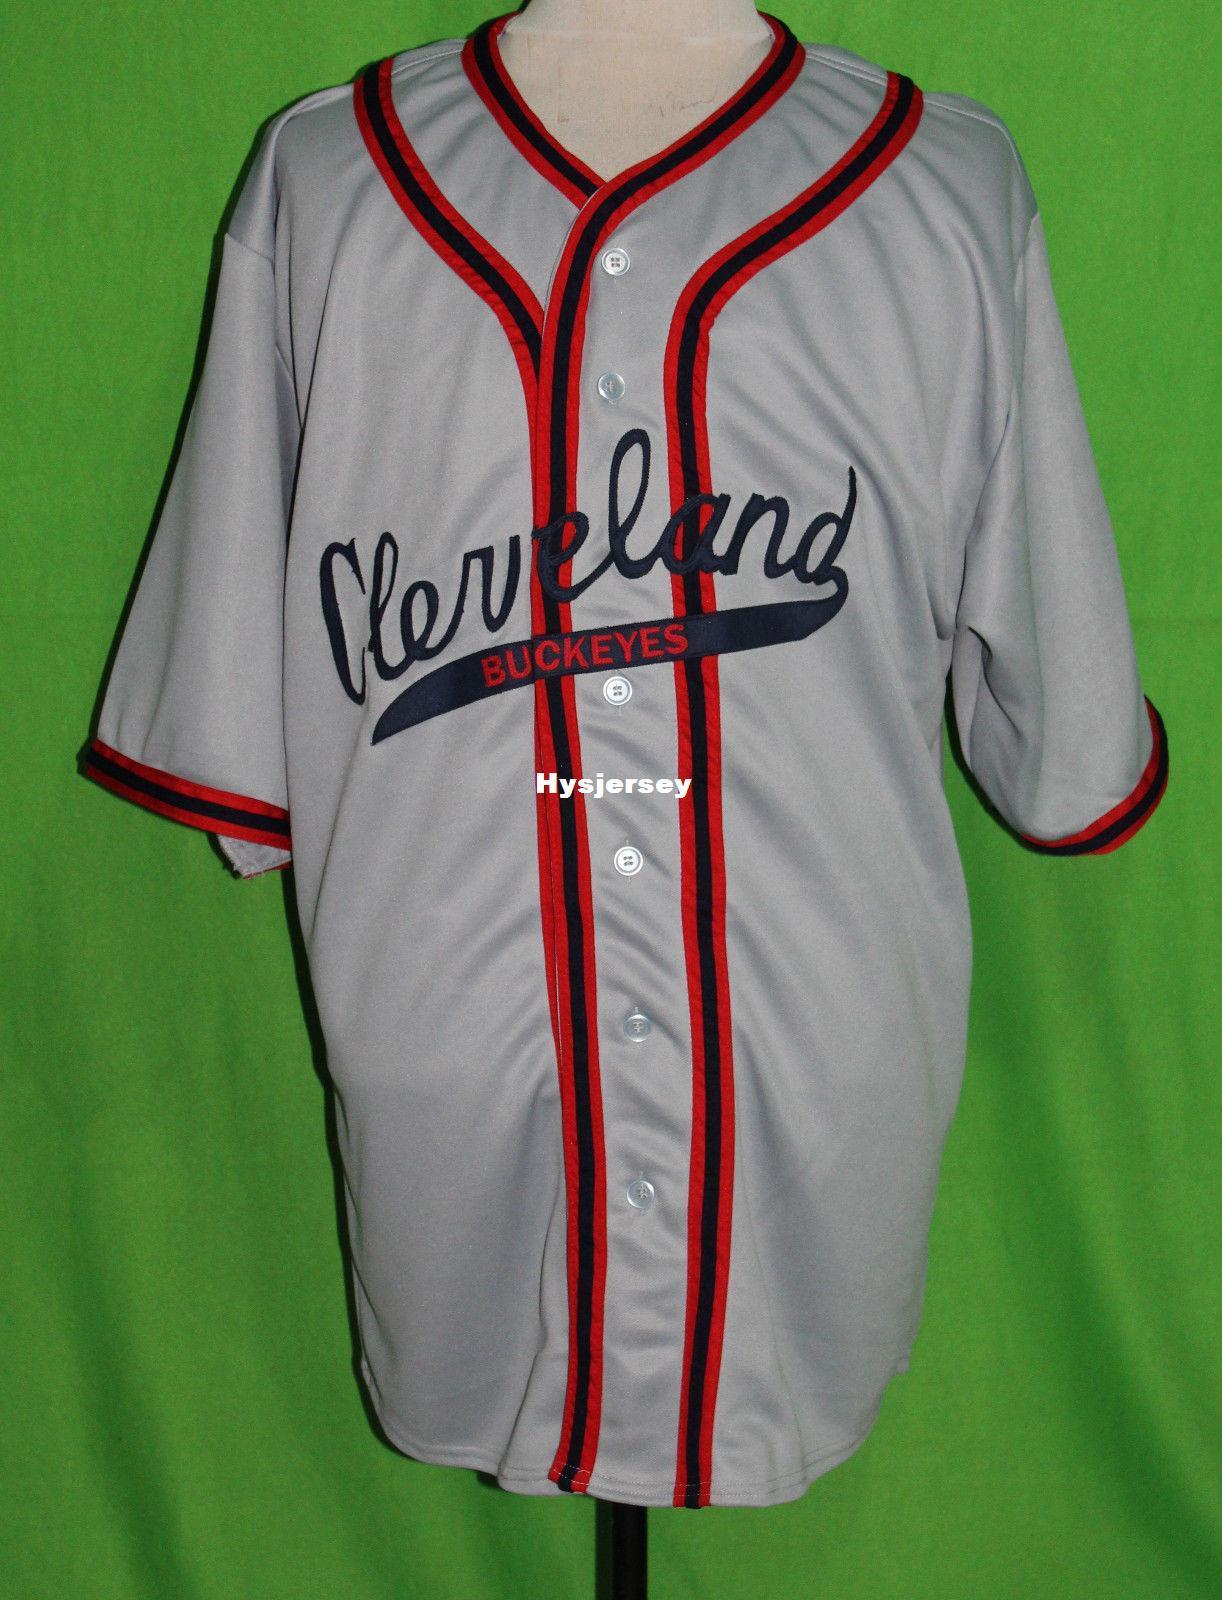 23157bfdb Cheap Retro CLEVELAND BUCKEYES #10 1946 Road BASEBALL JERSEY Or Custom Any  Number Any Mens Vintage Jerseys XS - 5XL Retro Baseball Jersey Cheap  Baseball ...